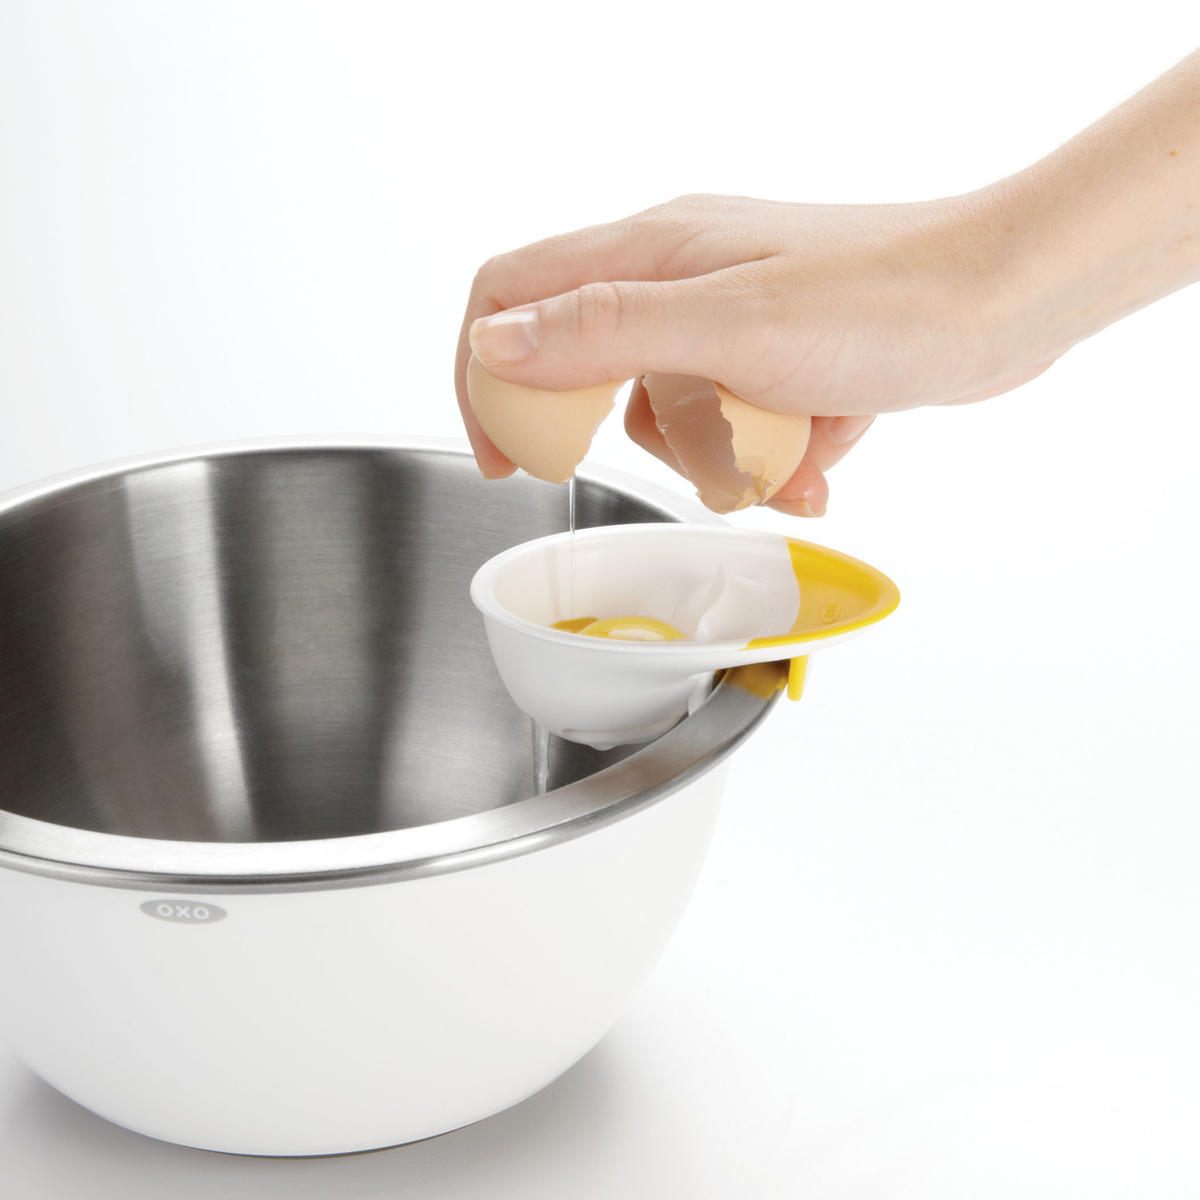 Сепаратор для яиц OXO COOKING UTENSILS, 4х12х22 см, белый OXO 1147780 фото 7